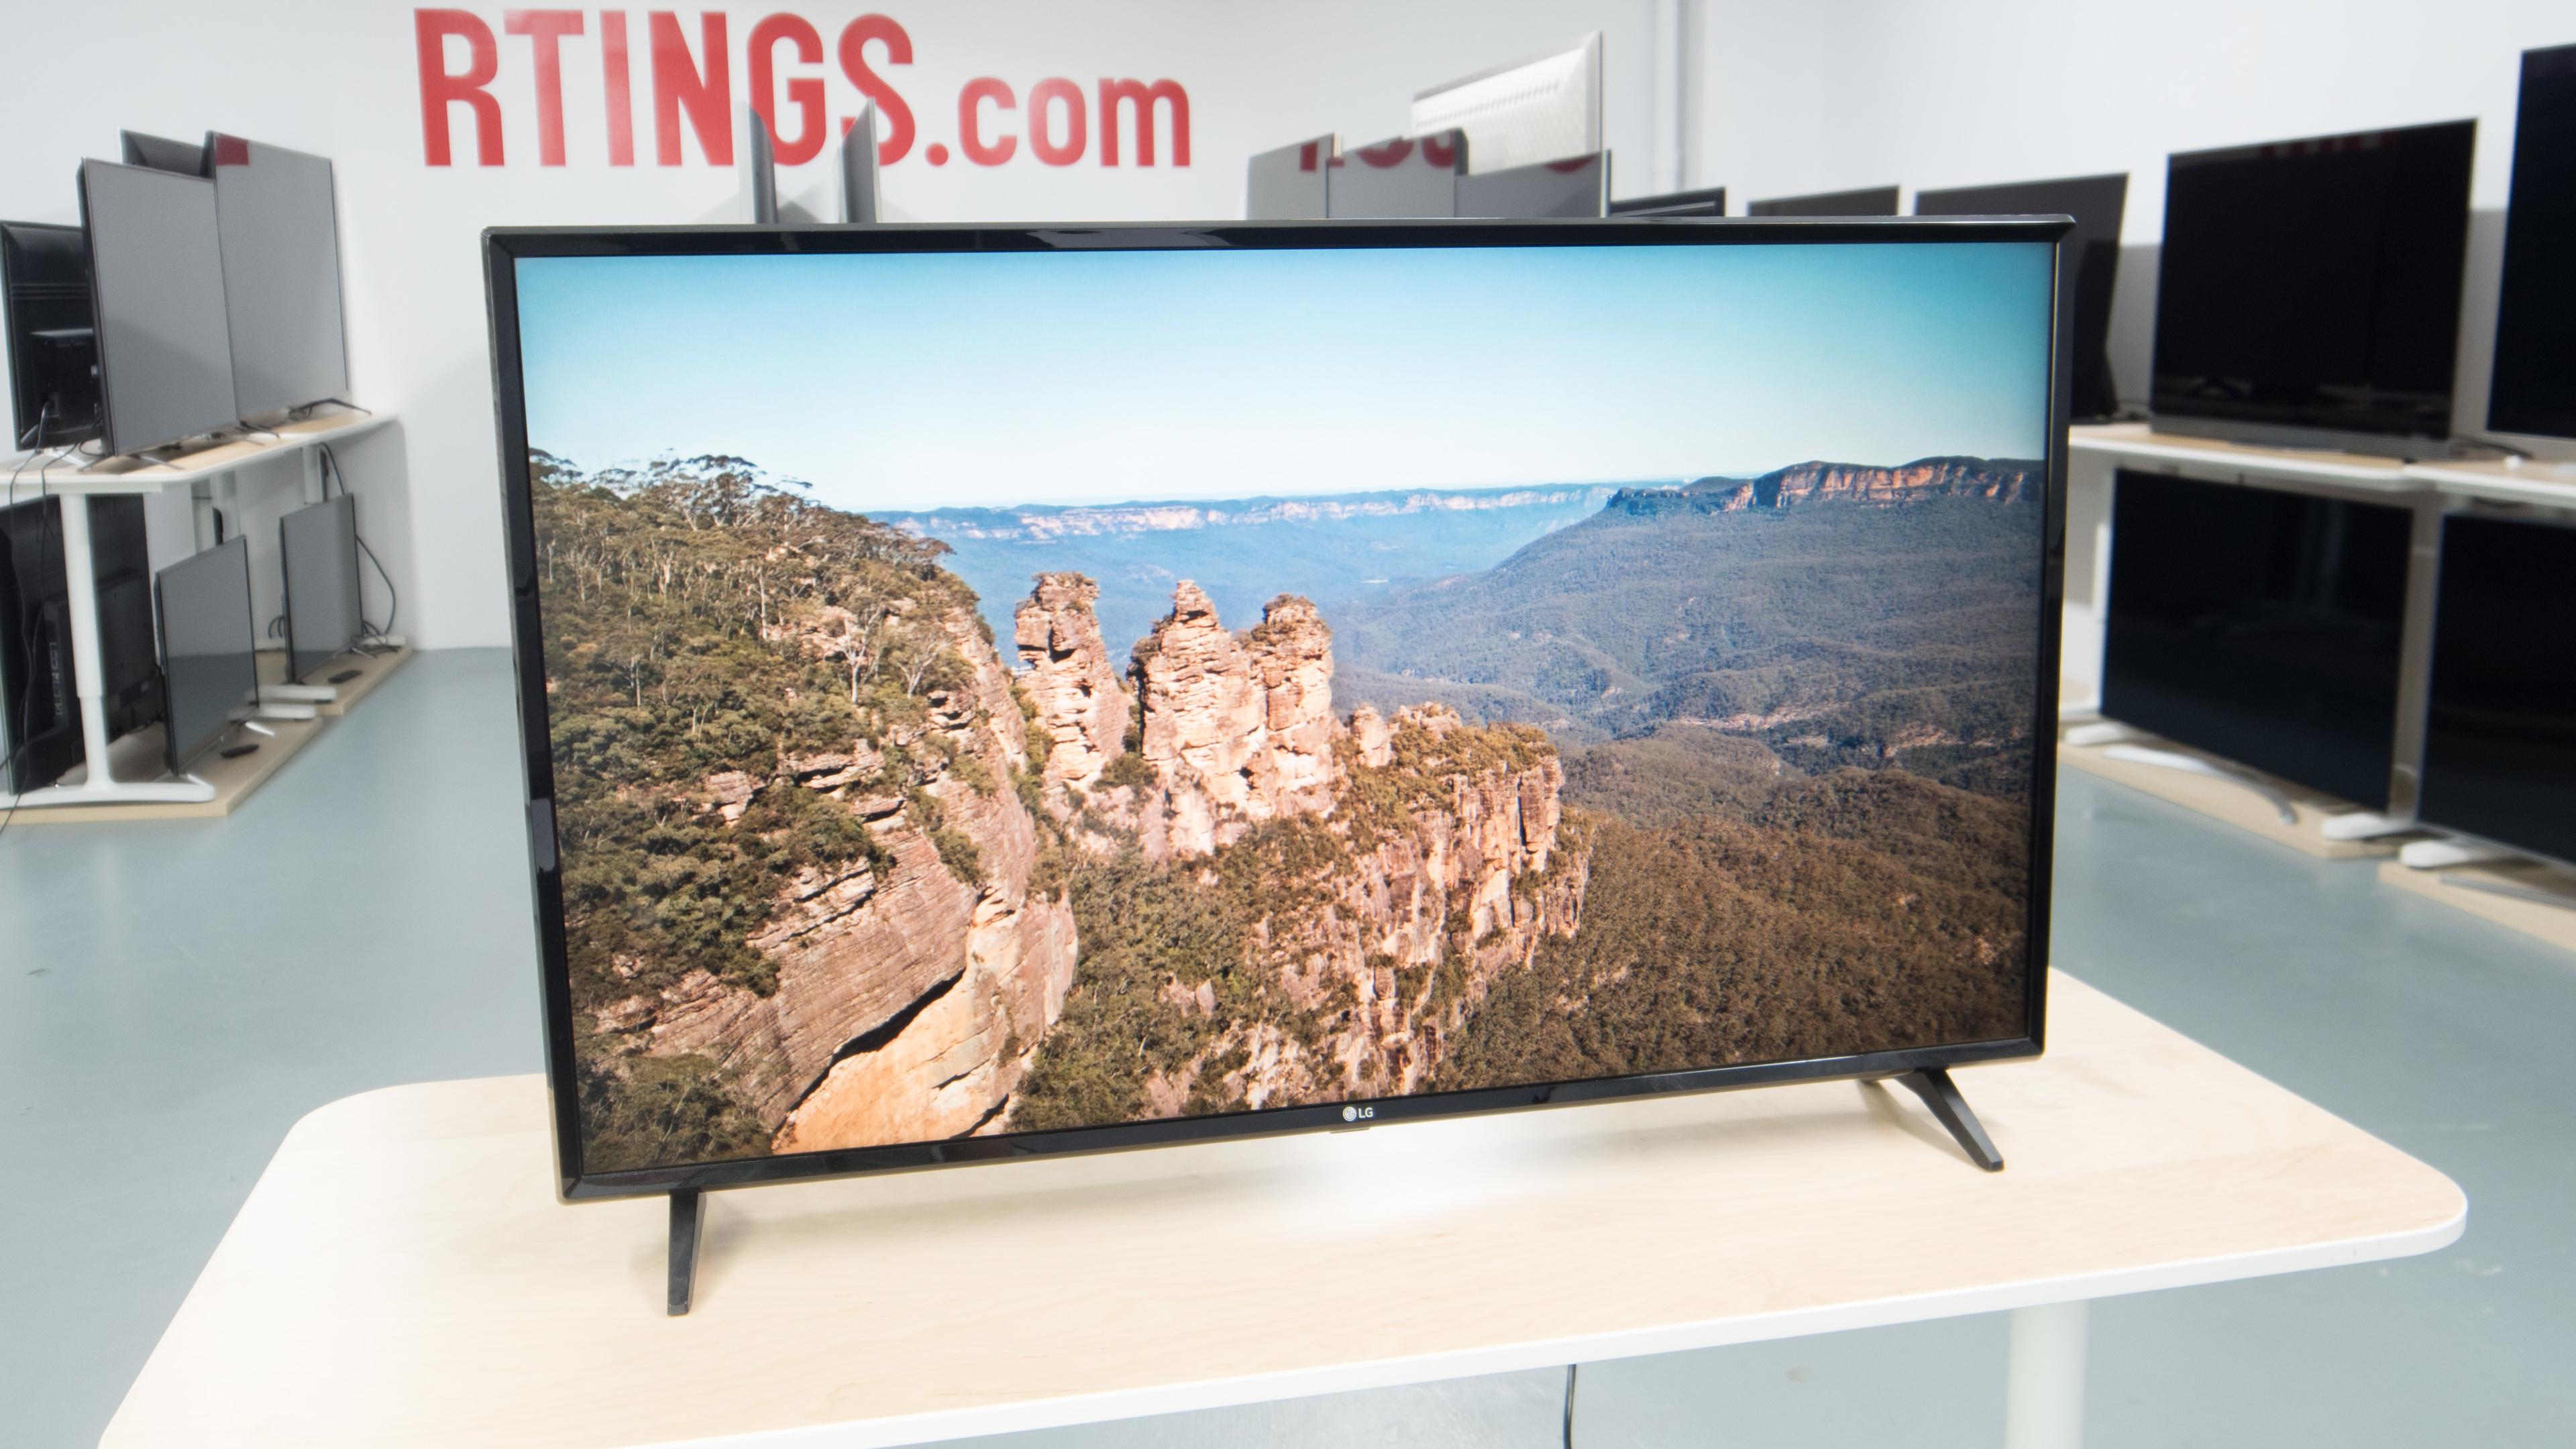 lg lj5500 review 43lj5500 49lj5500 55lj5500 rtings com rh rtings com LG Smart TV Keyboard Remote LG TV Models 2010